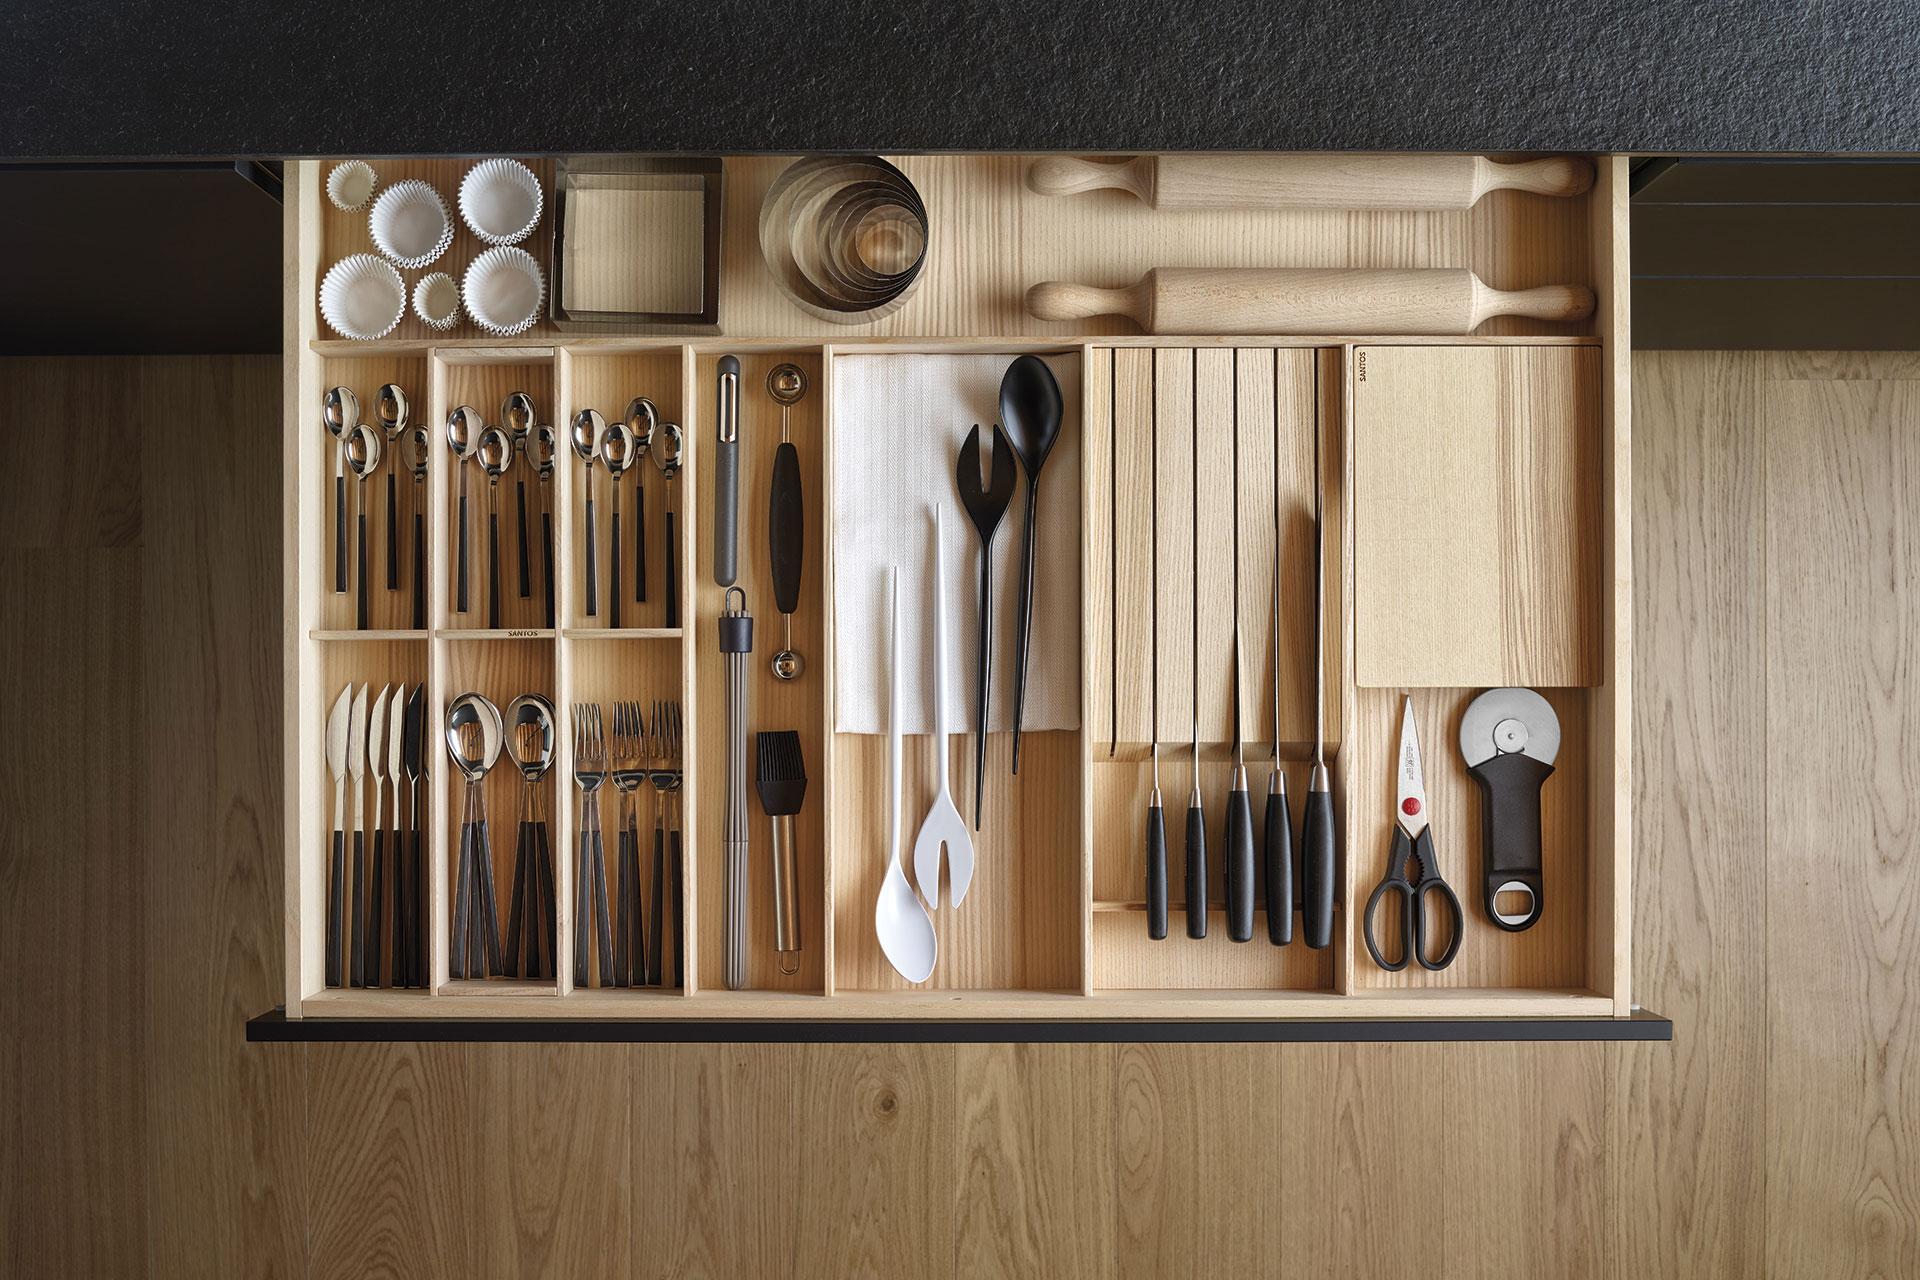 Cocina ordenada 8 consejos cocinas santos santiago interiores - Interiores de cajones de cocina ...